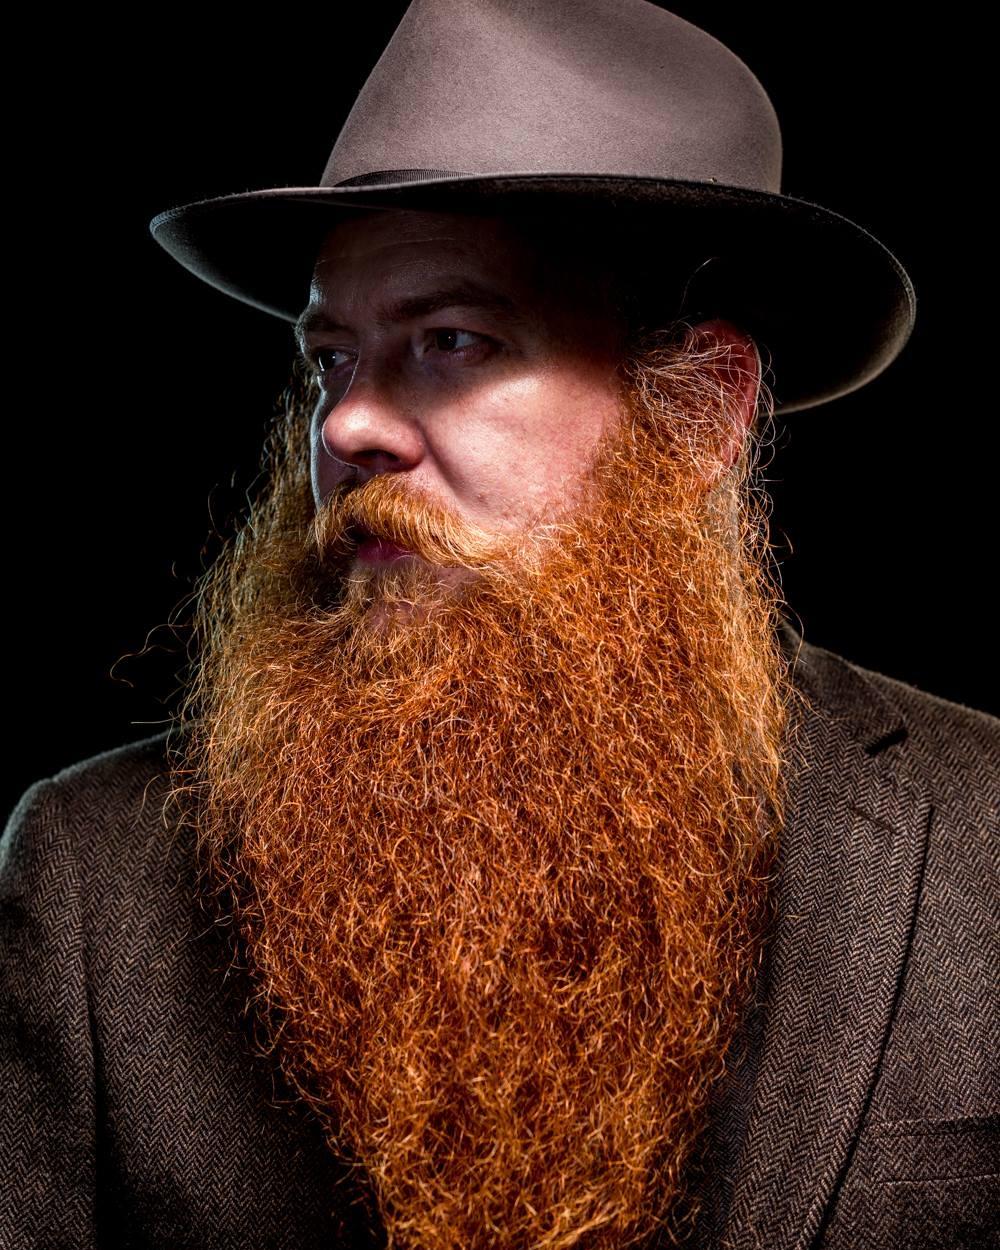 photo by: Jeffery Moustache  The World of Beards